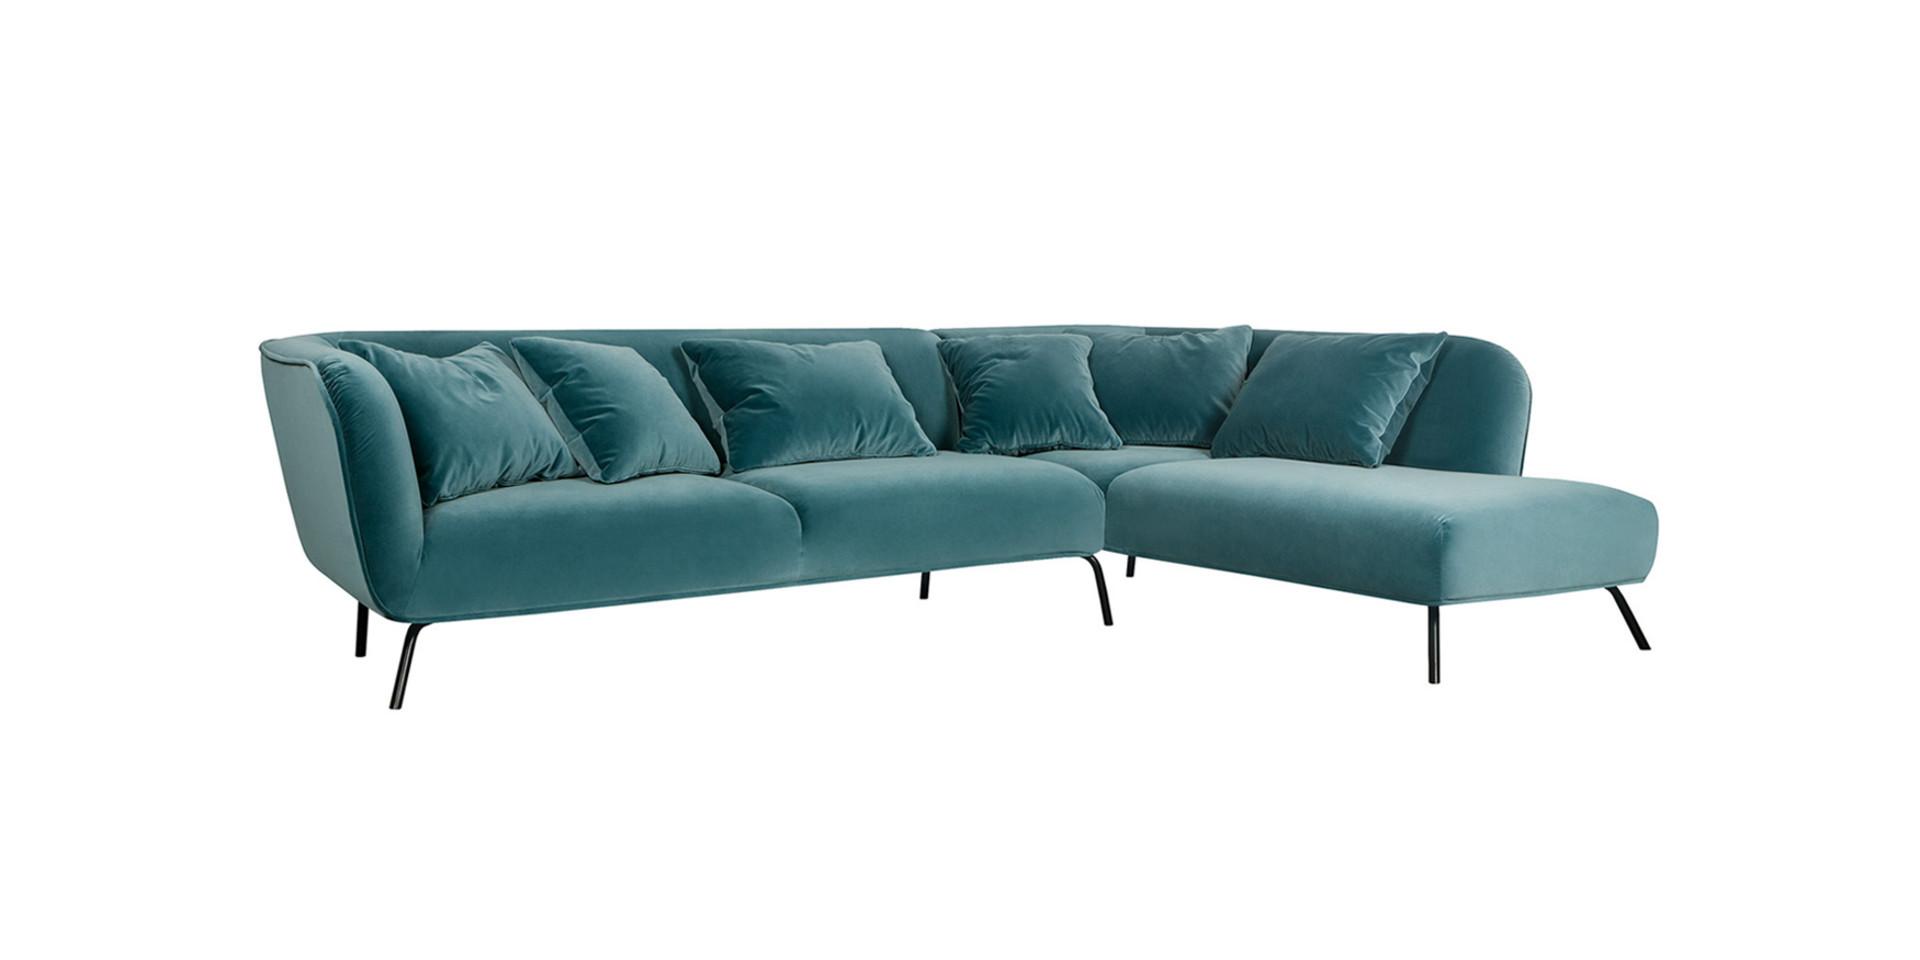 SELMA_set1_lario1406_turquoise_2